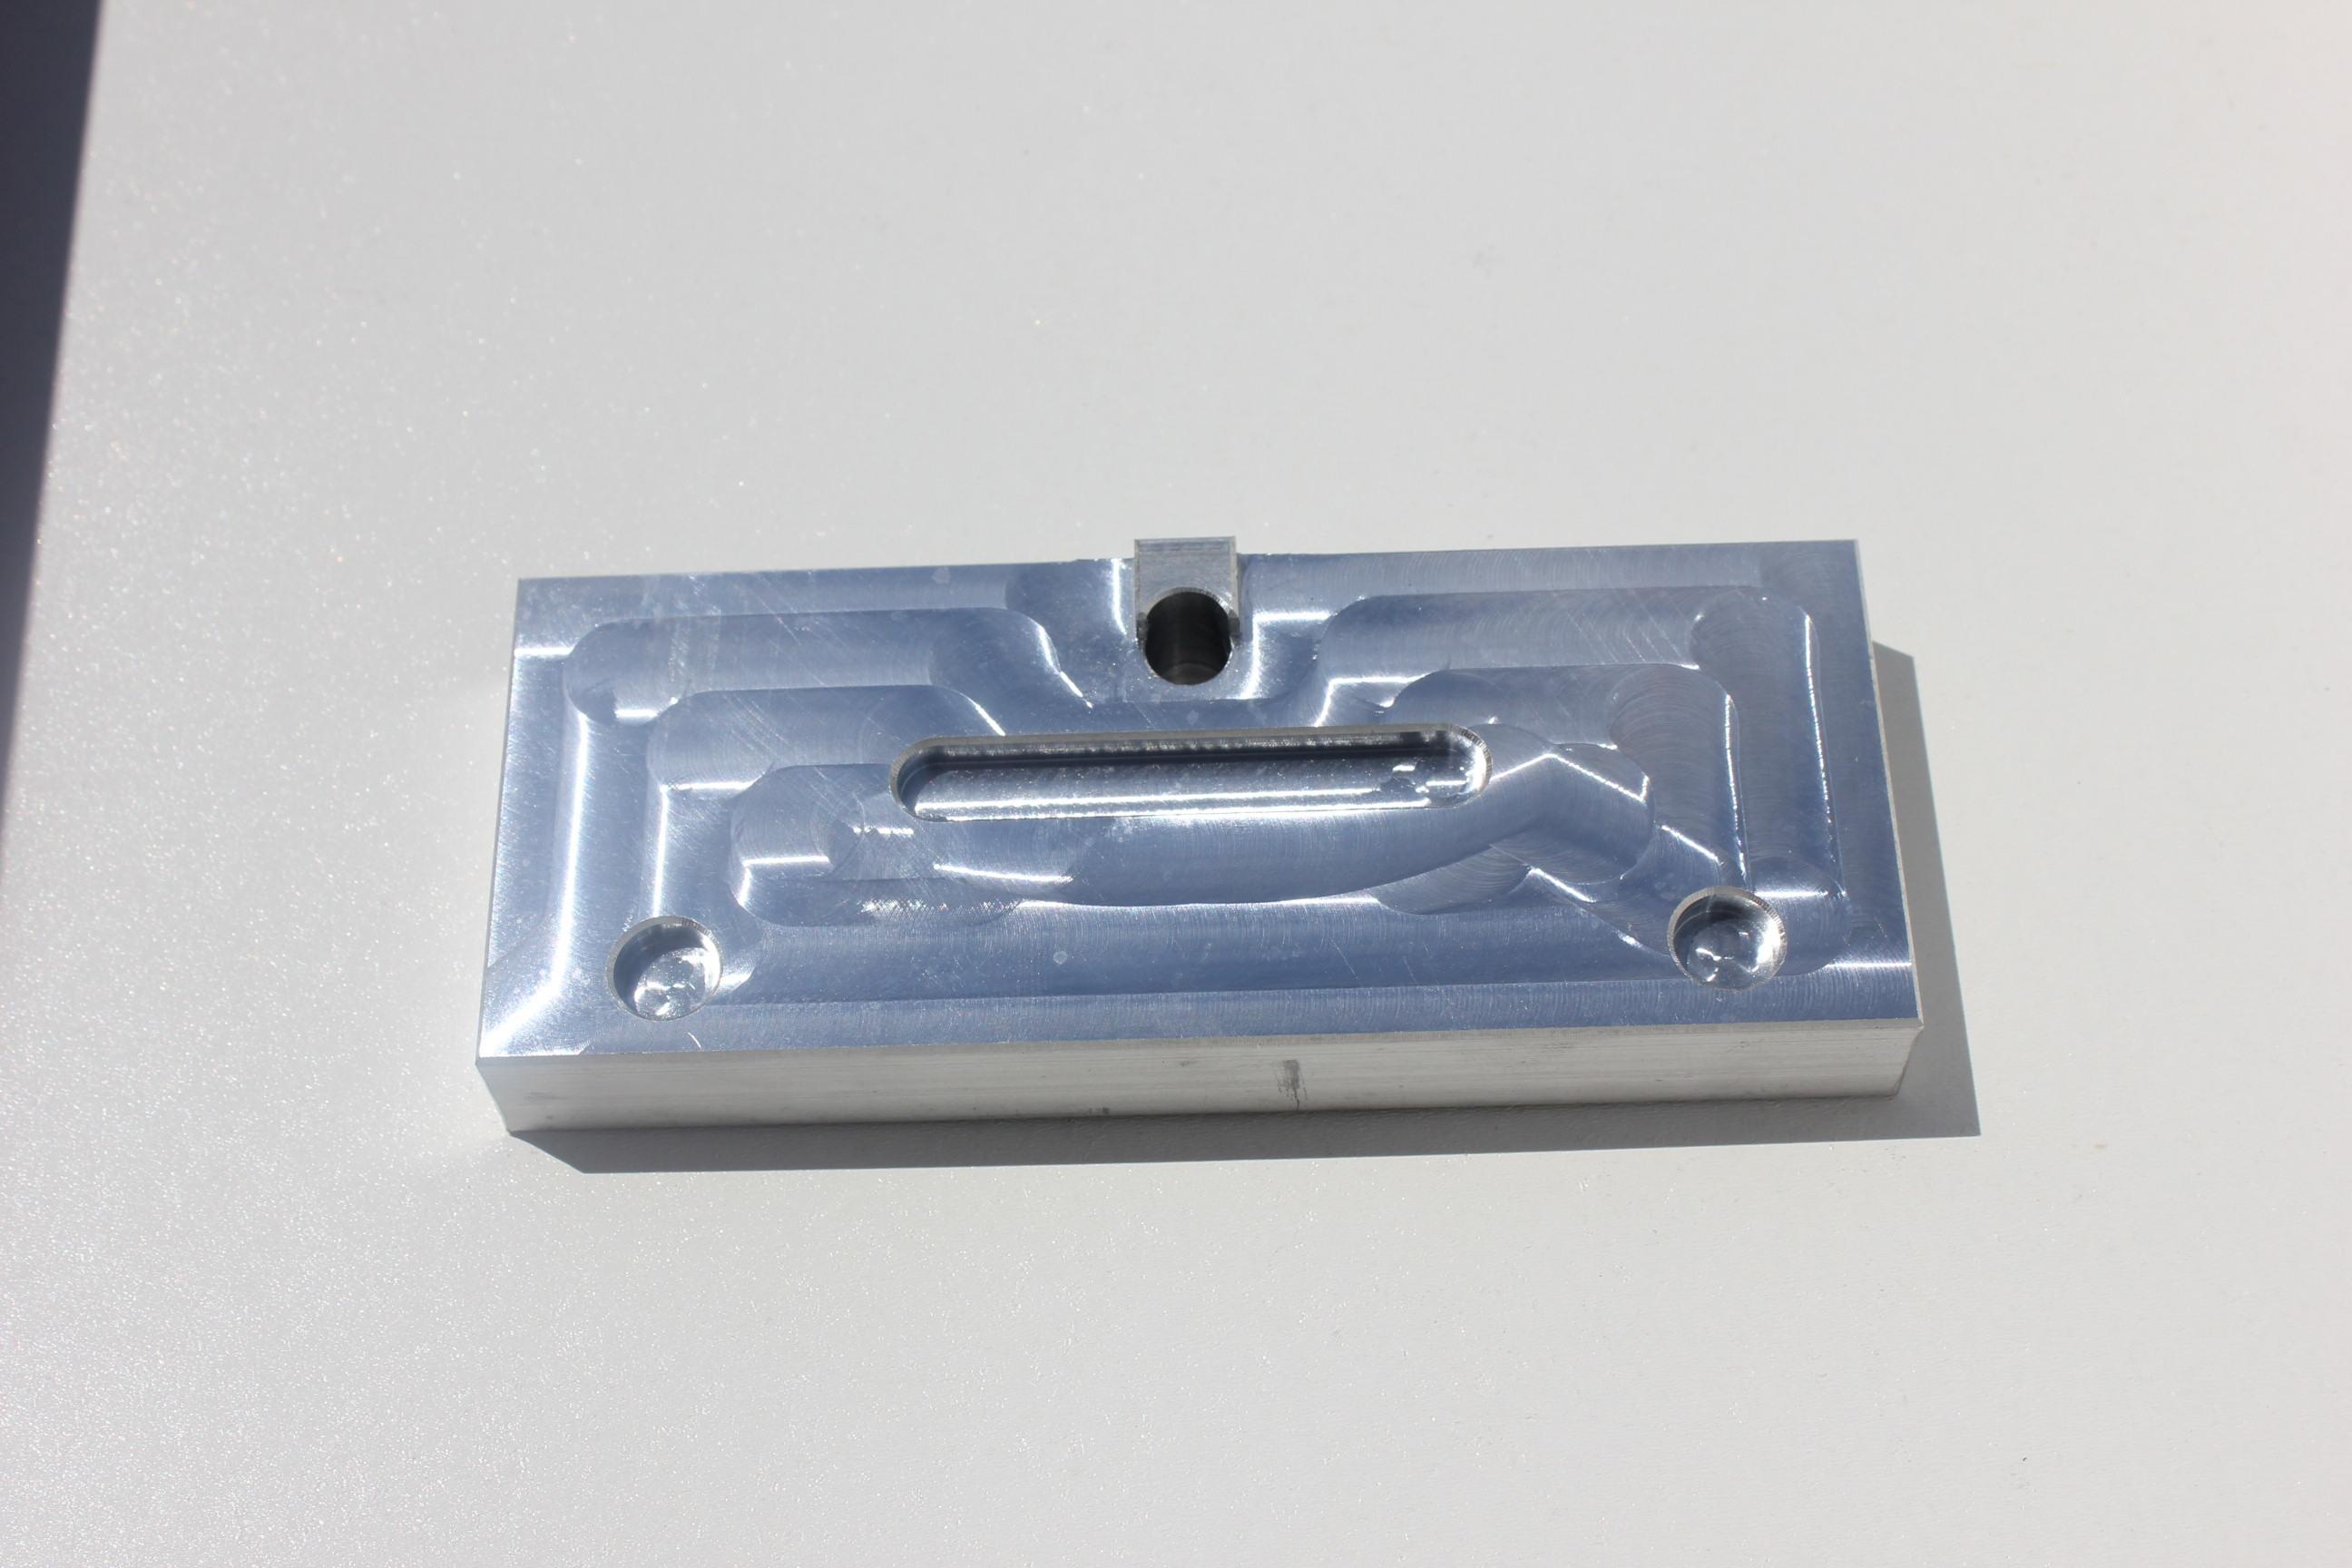 Ak 47 80 receiver - Barrel Pin Press Plate 15